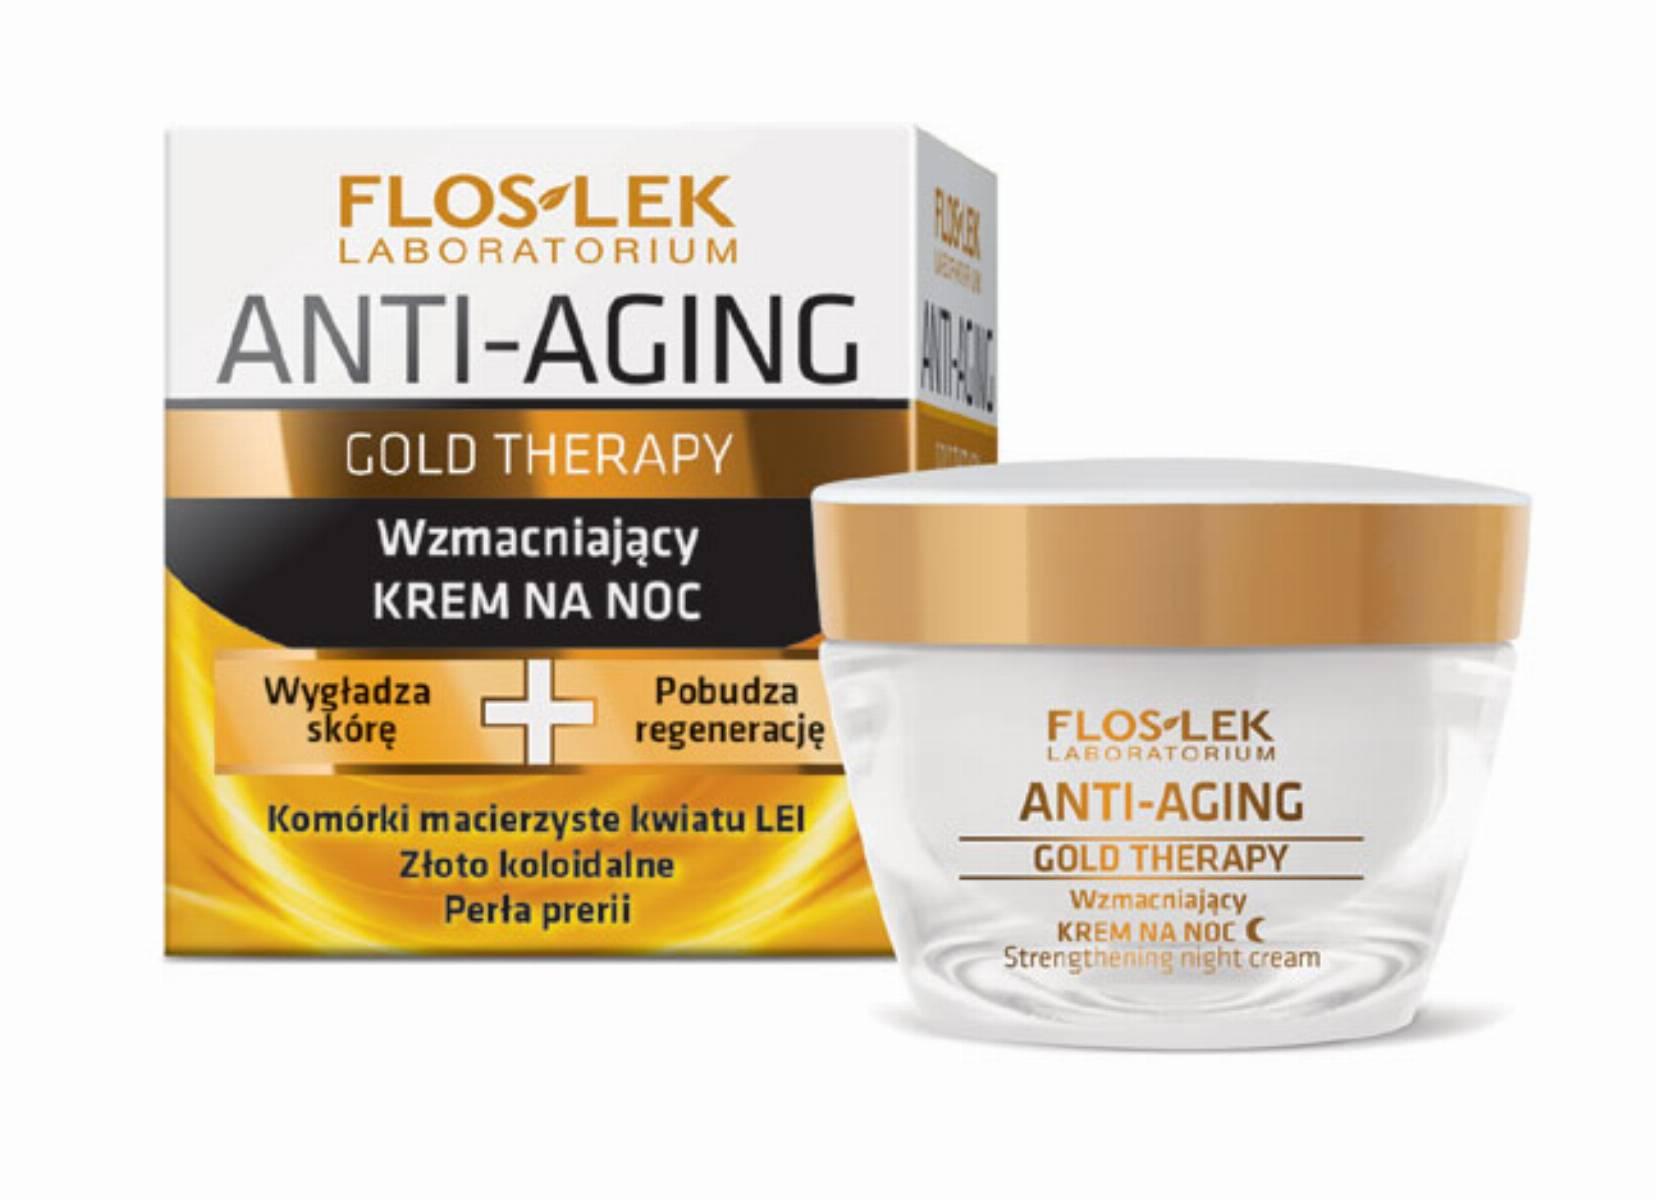 FLOSLEK Gold Therapy - wzmacniajacy krem na noc